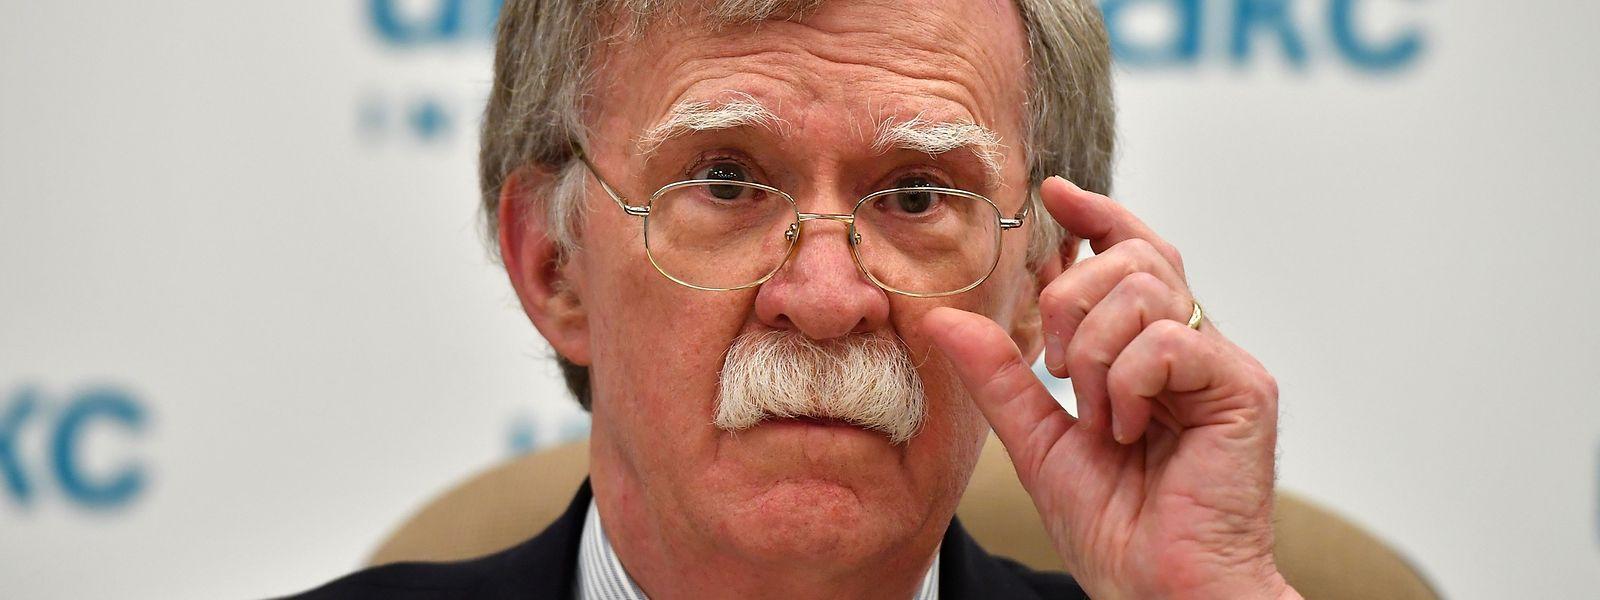 John Bolton bei einer Pressekonferenz im Juni.